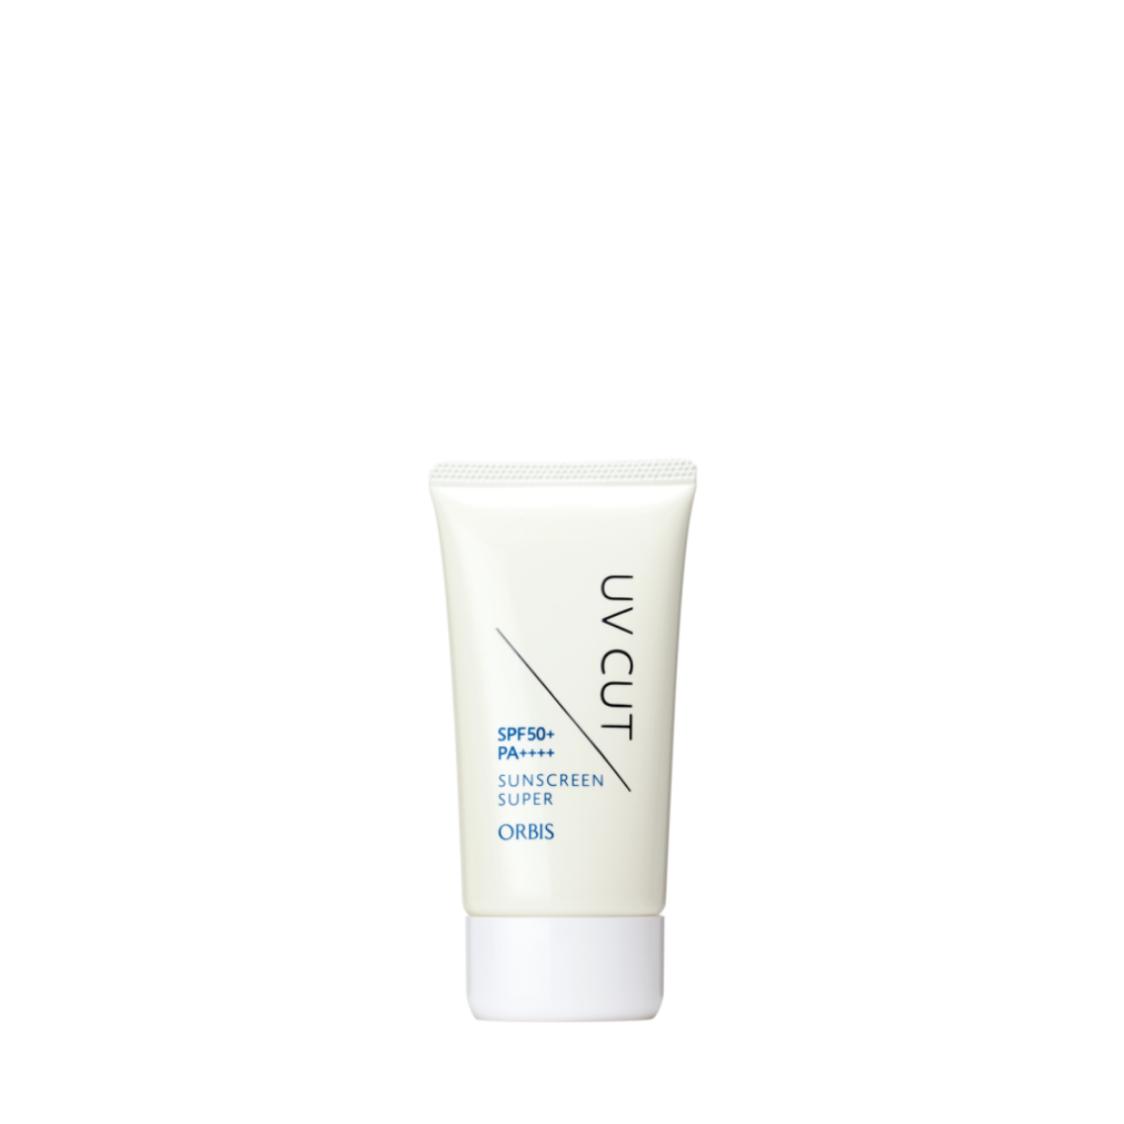 ORBIS Sunscreen Super 50g